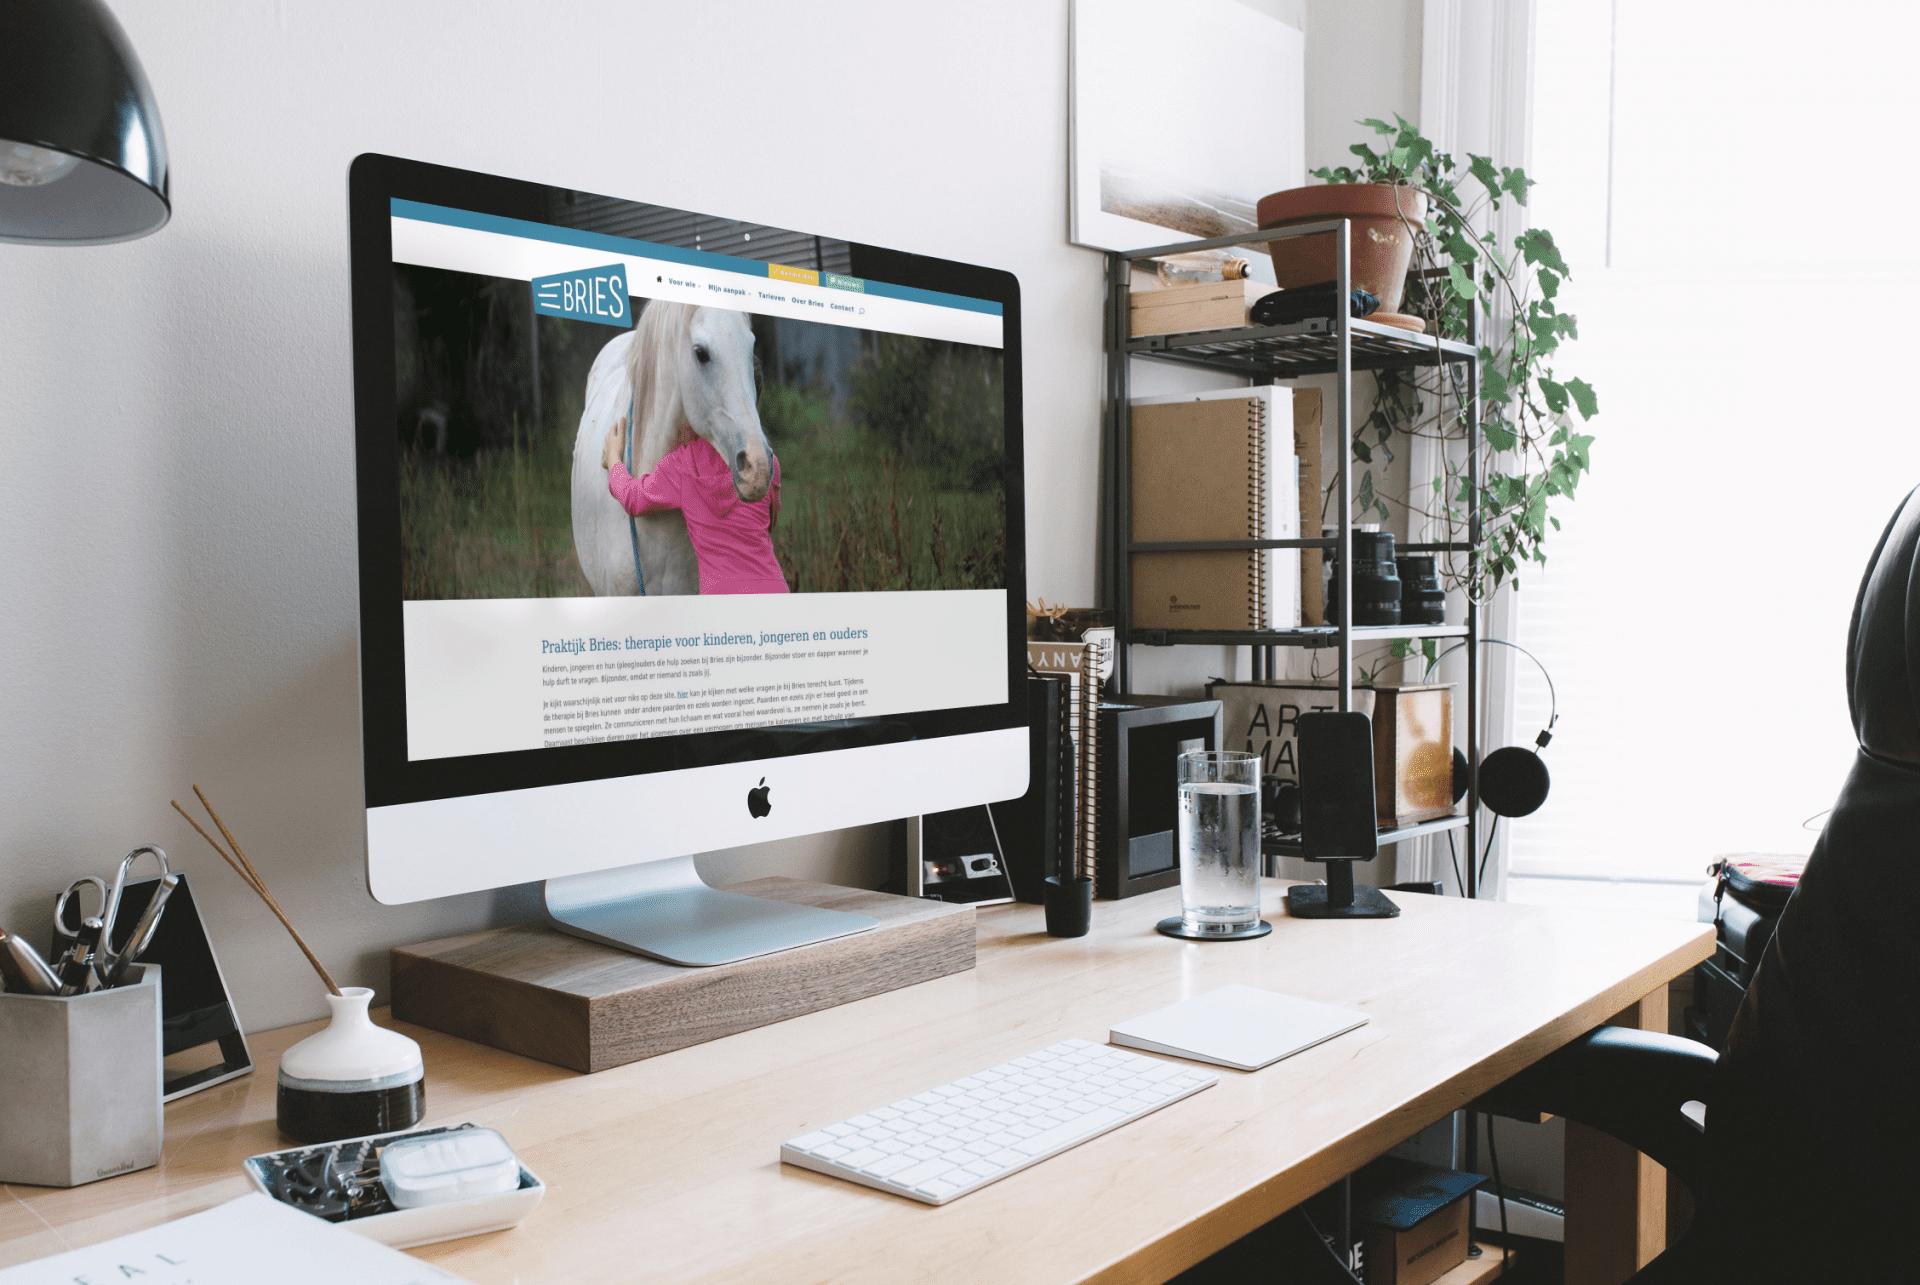 Praktijk Bries Veenendaal website voor Hanneke Stam